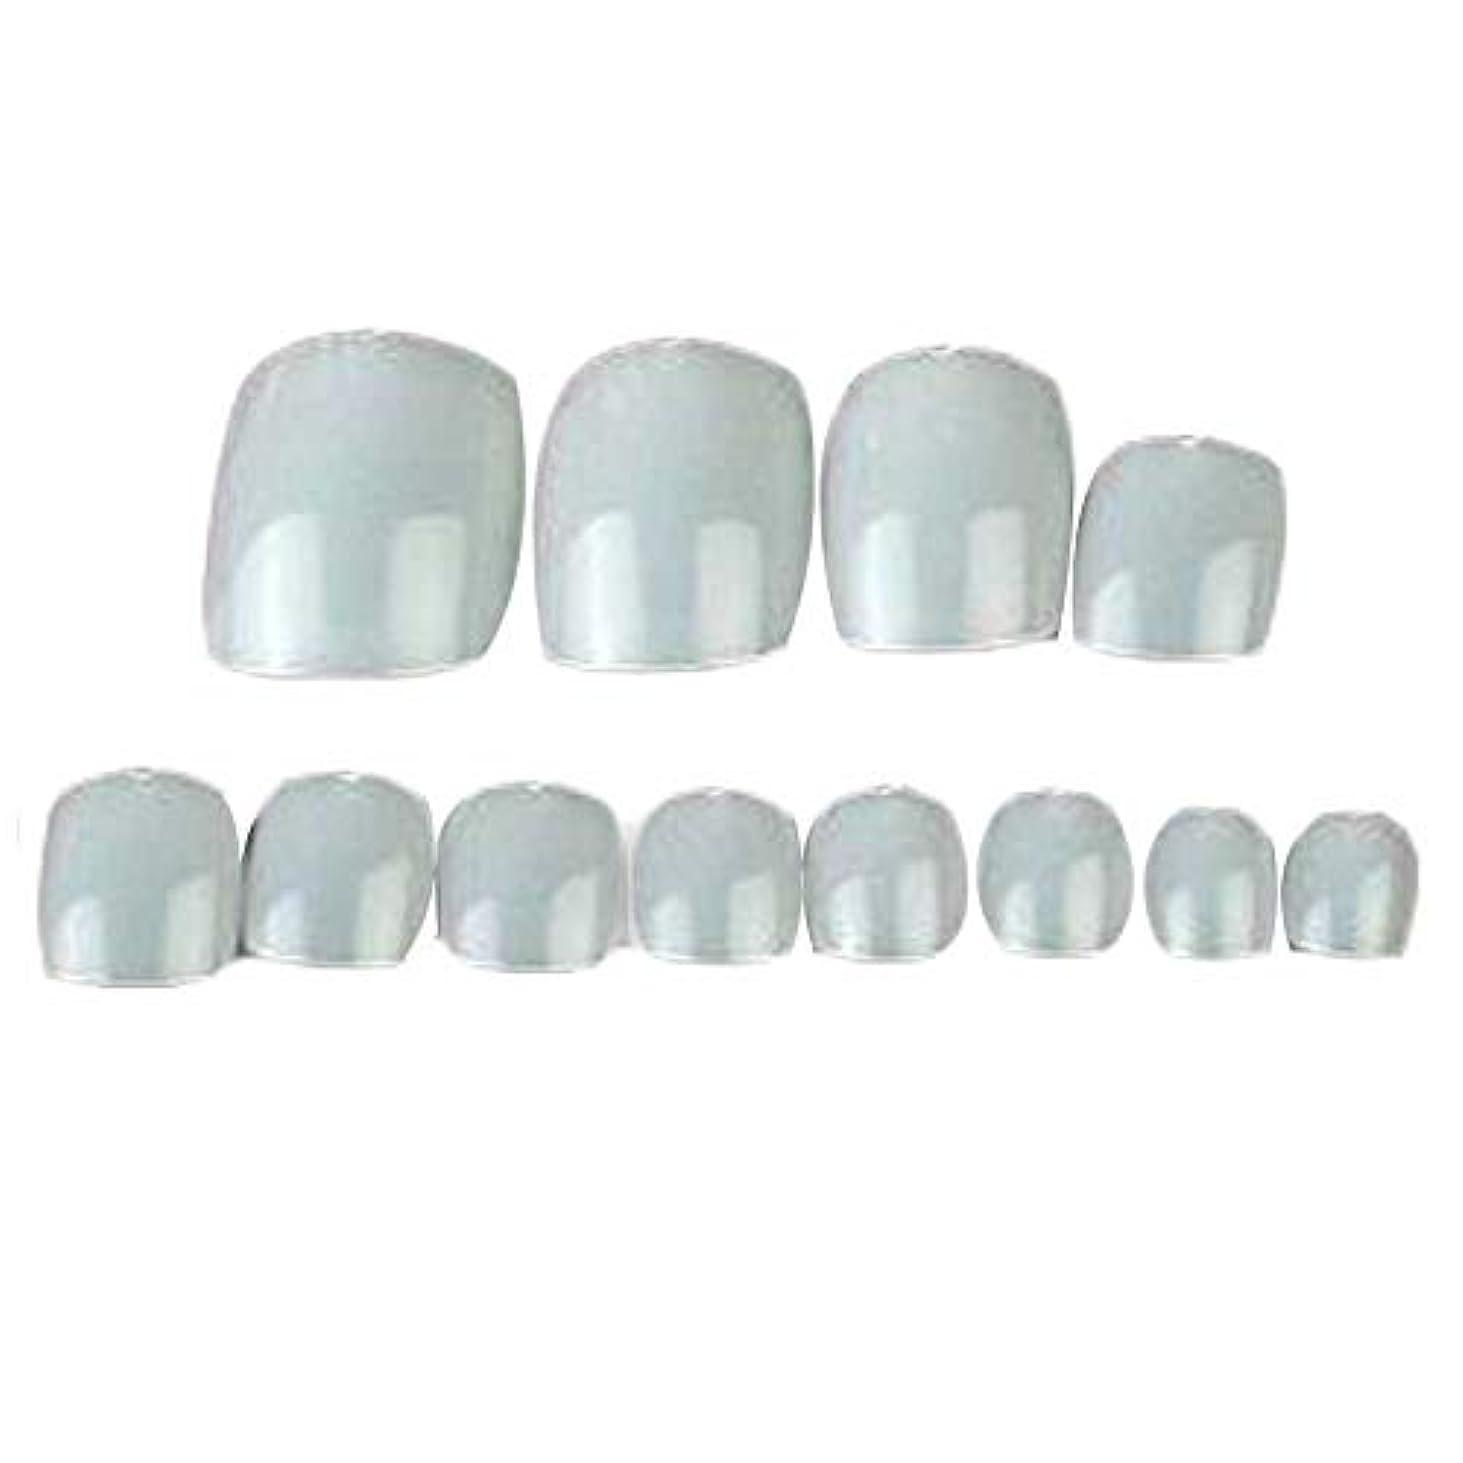 宣言する差別的平凡500個のナチュラルカラー人工爪のヒントフルカバー偽爪